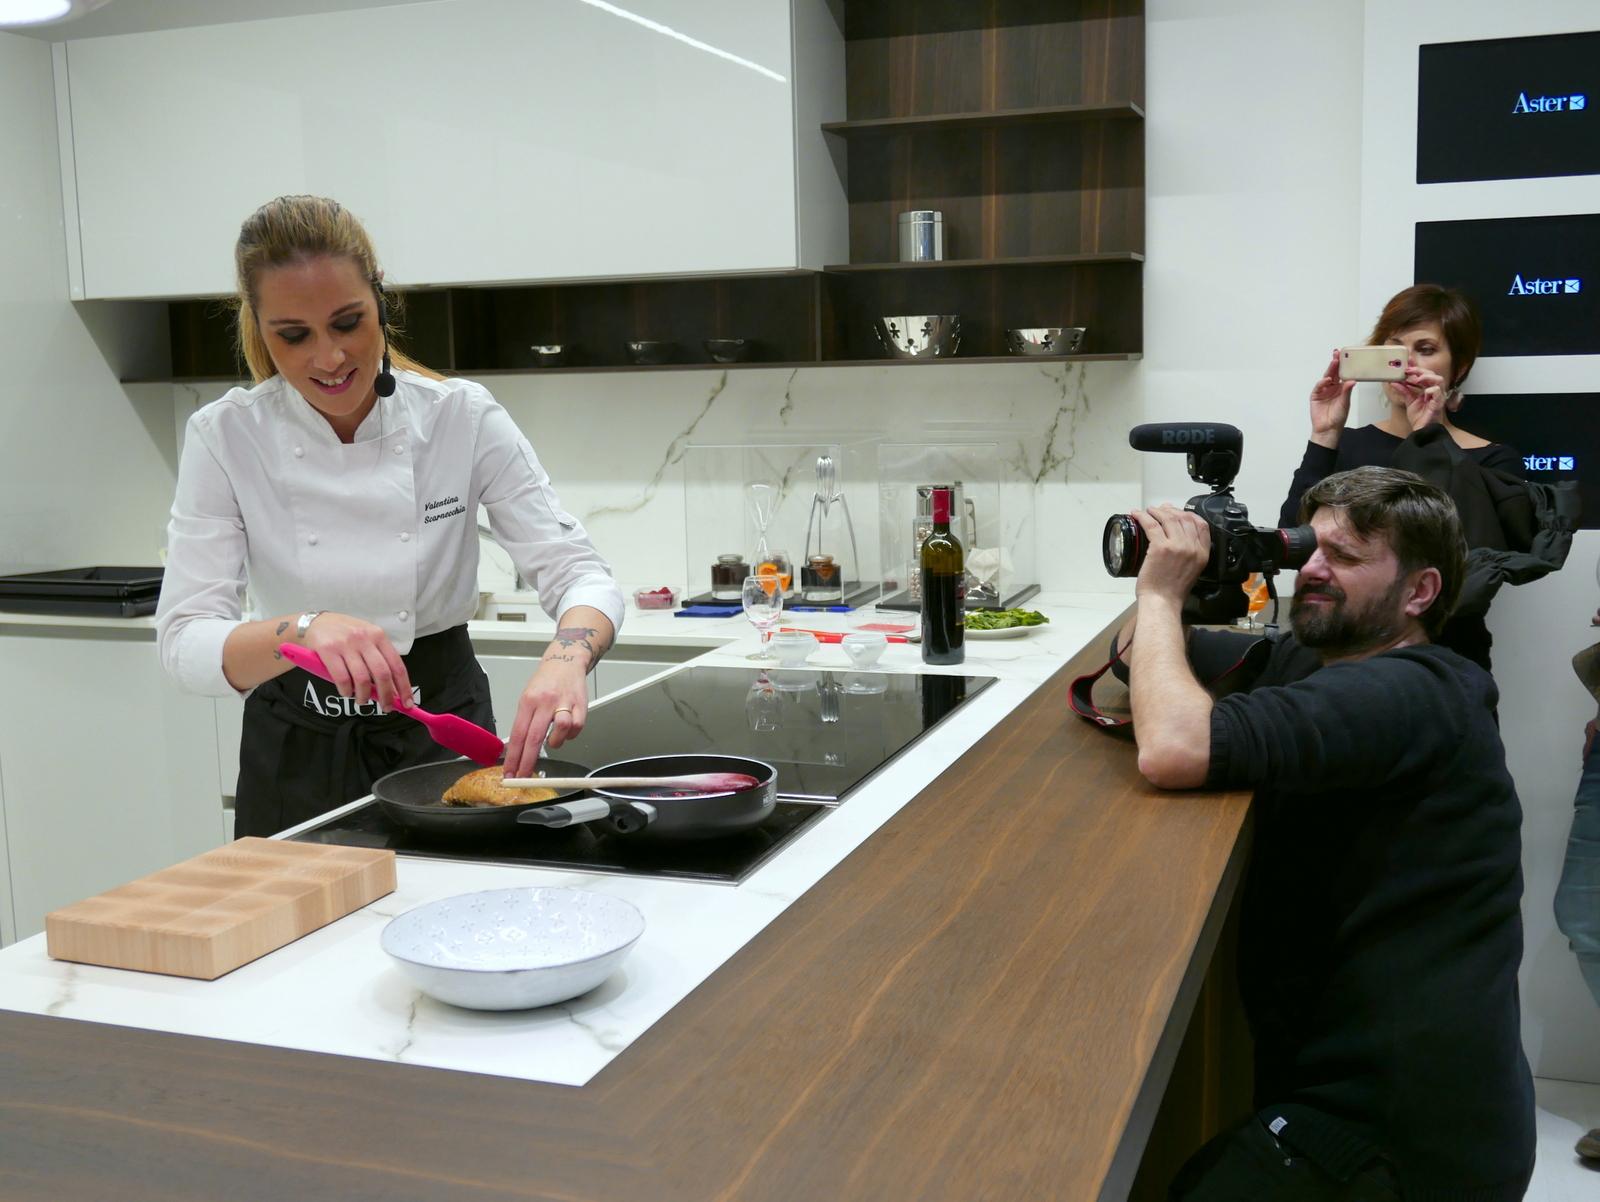 La cucina personalizzata con aster e la food blogger - Chiara blogger cucina ...